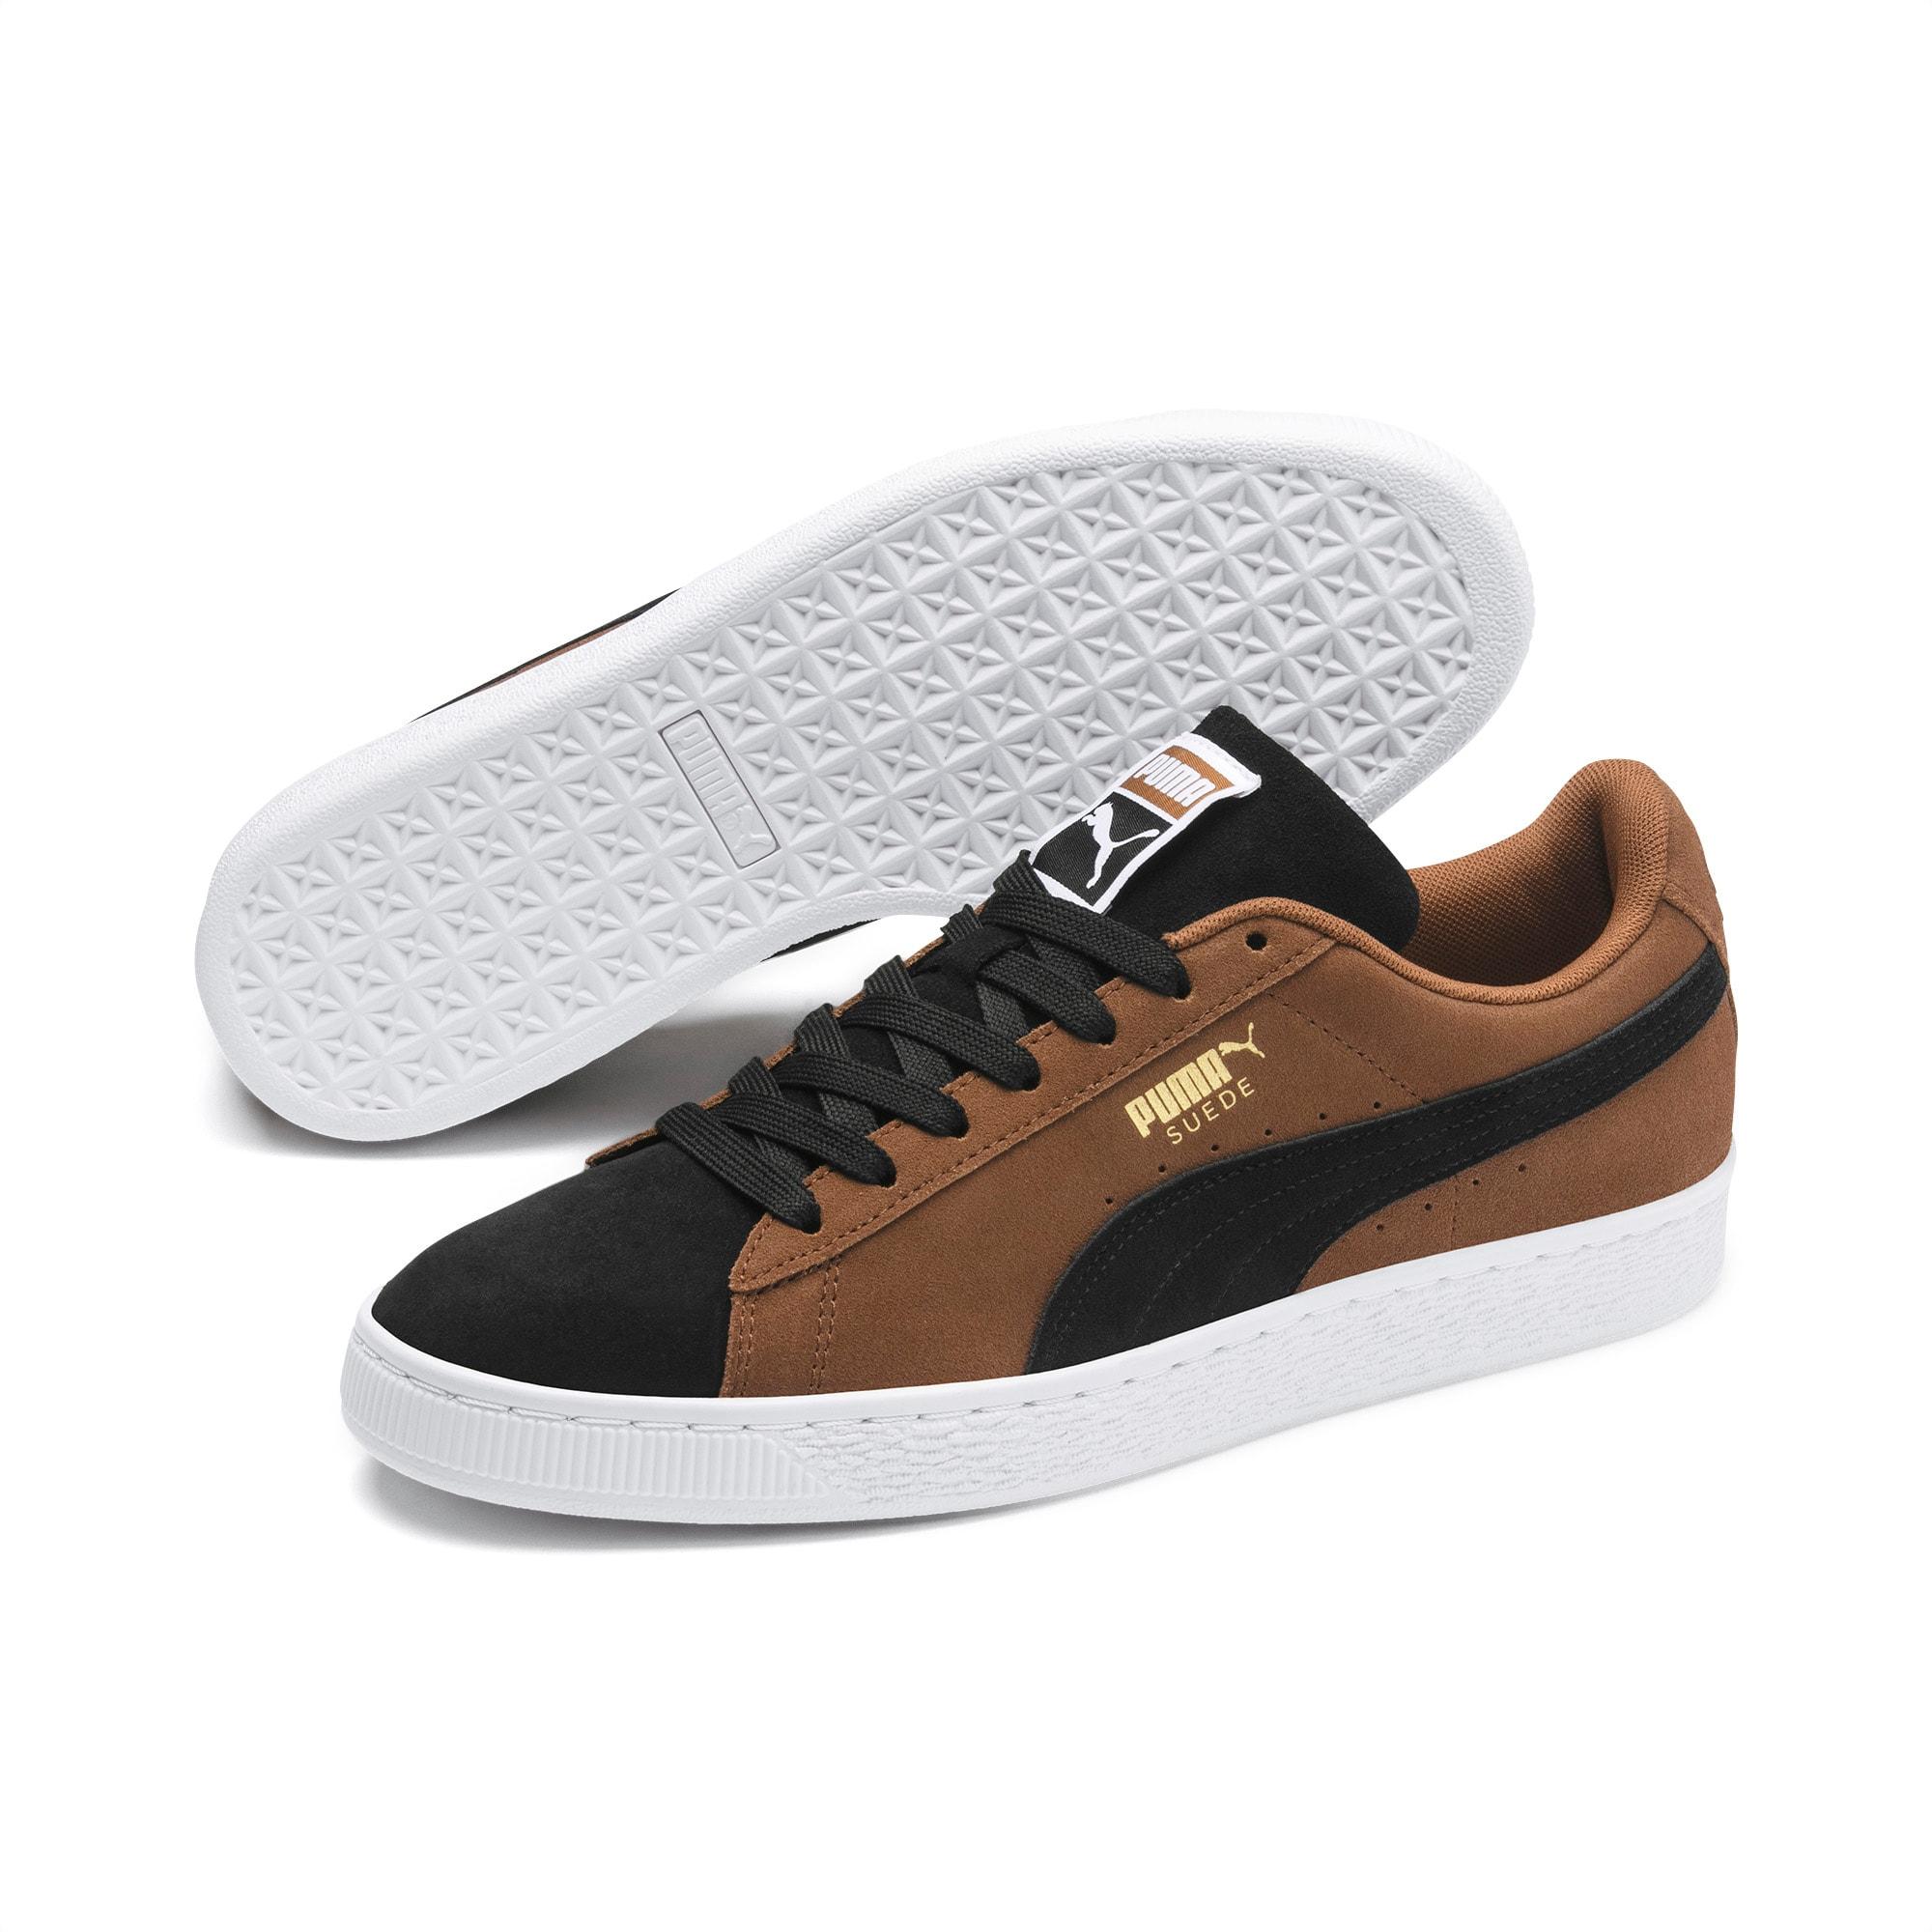 Puma Basketball Shoes 2018 : Puma Womens | Mens Puma Shoes